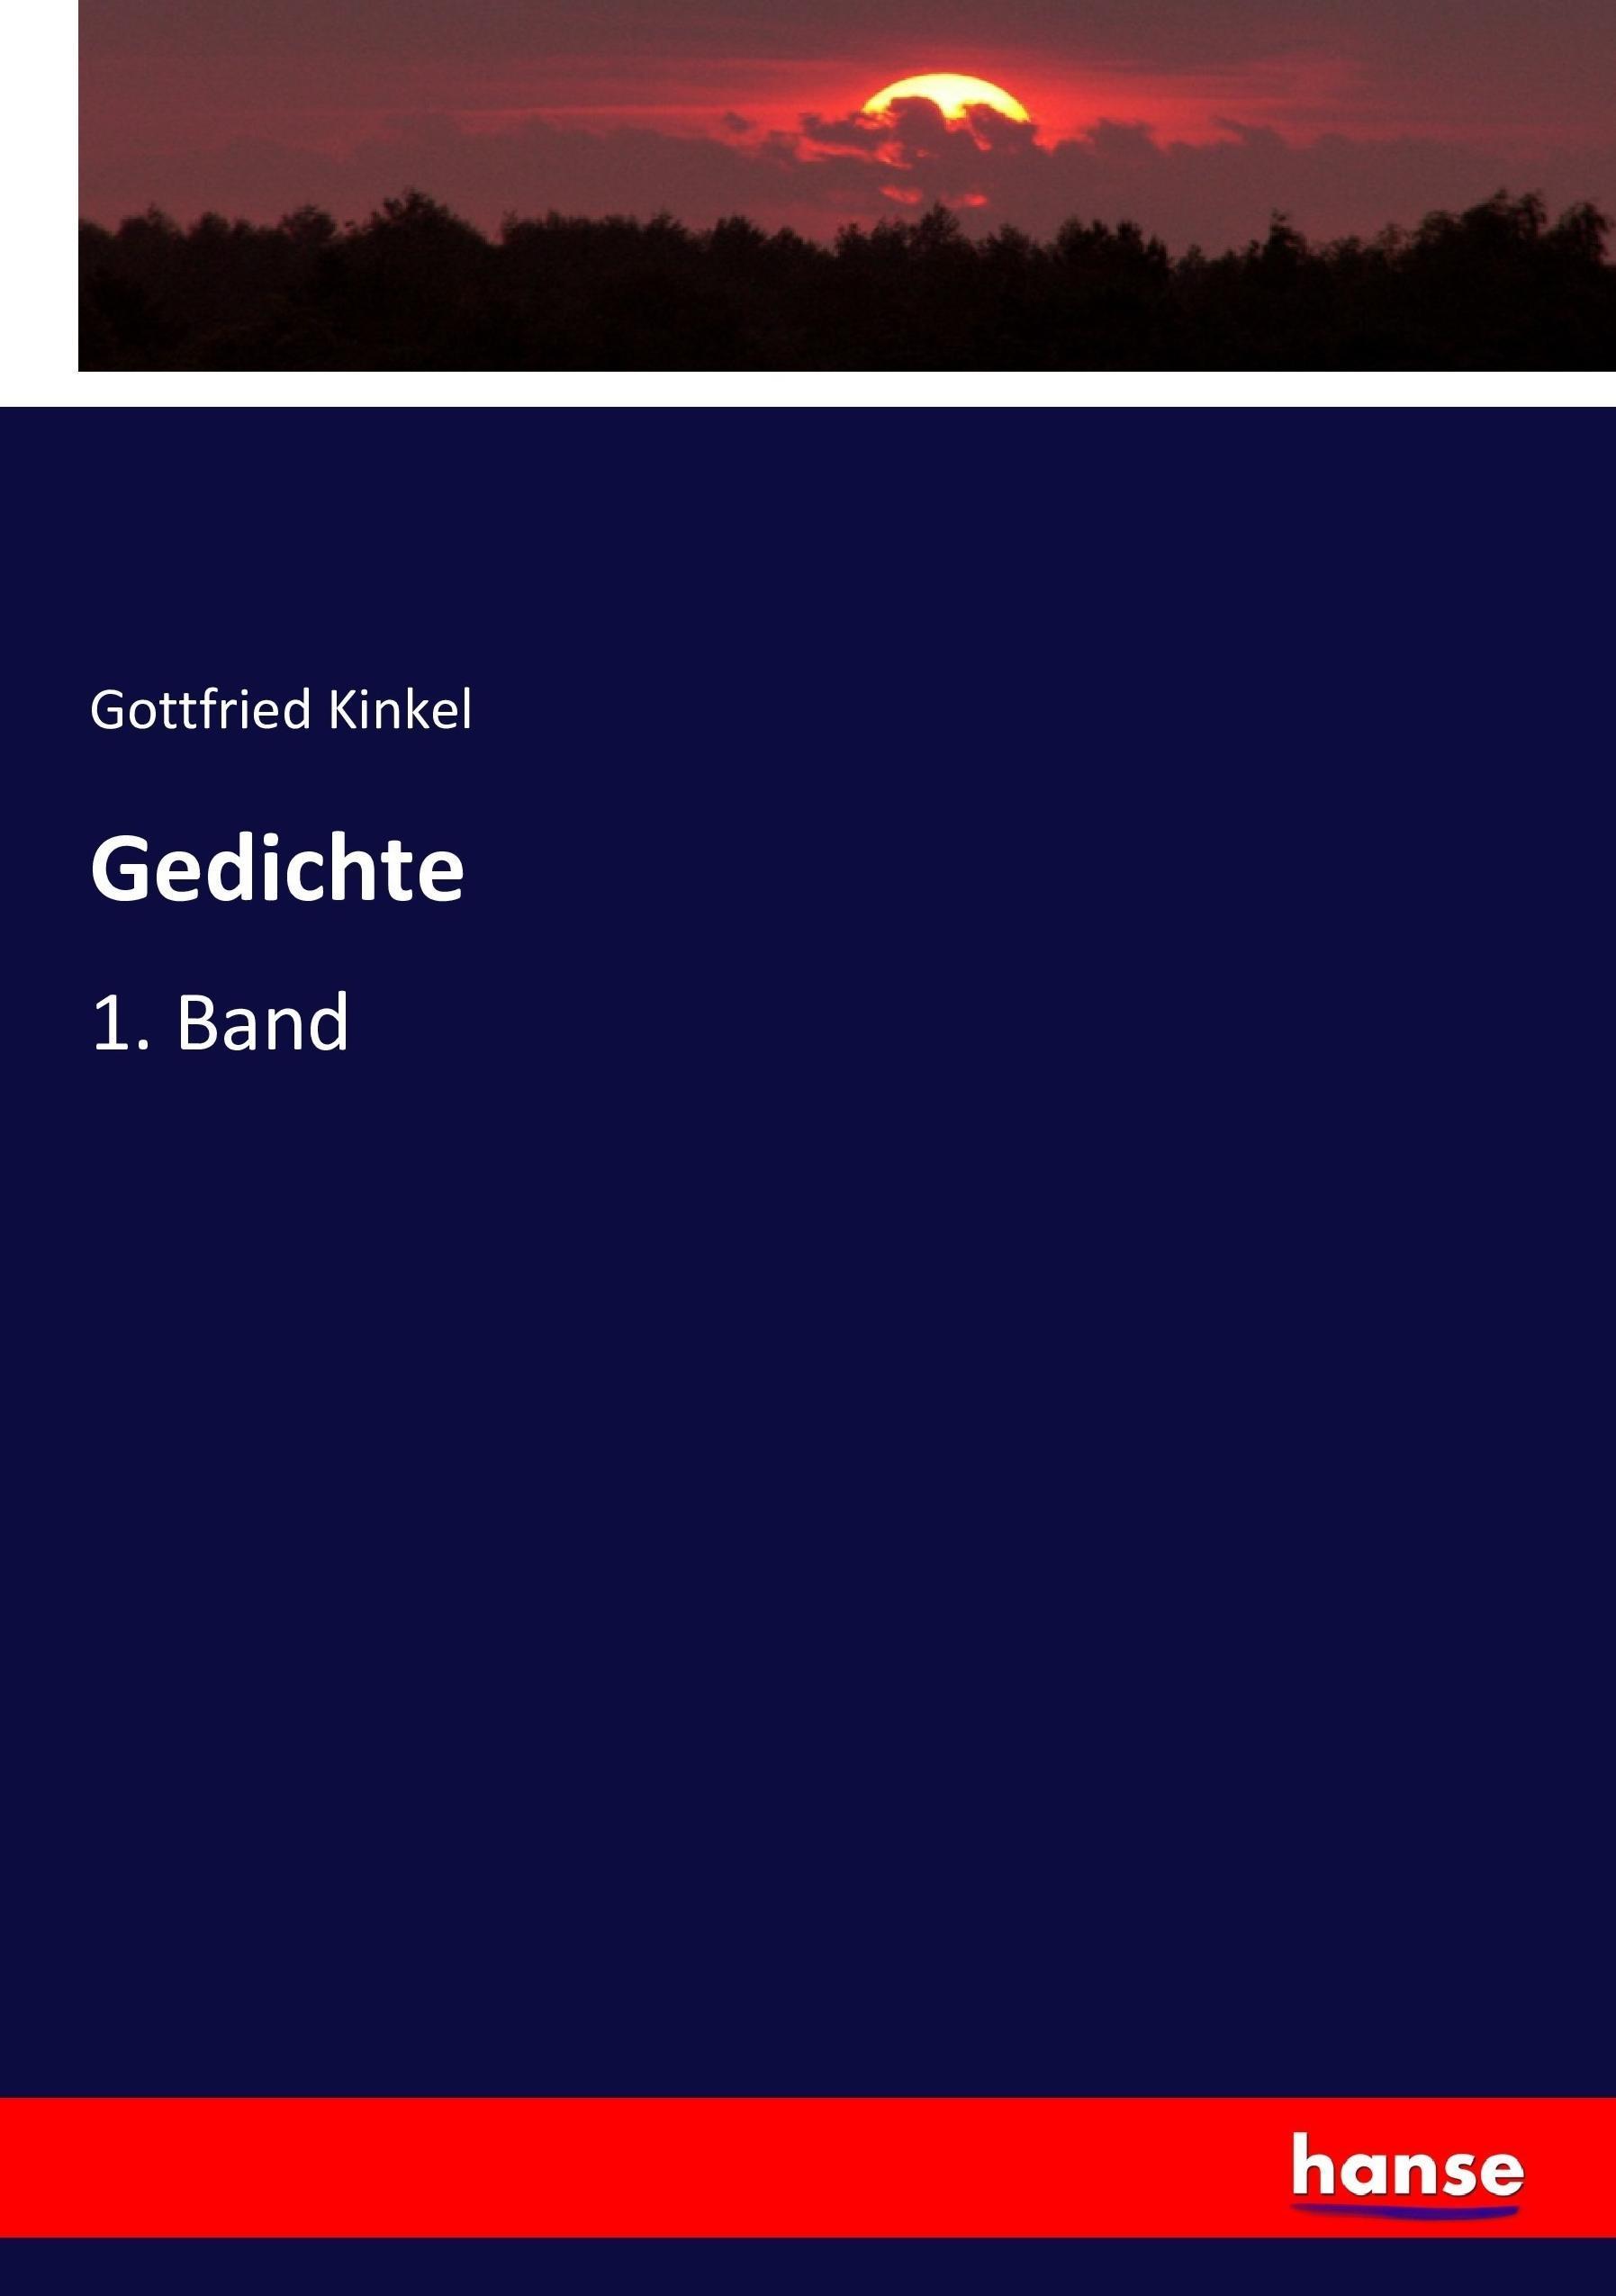 Gedichte - Kinkel, Gottfried